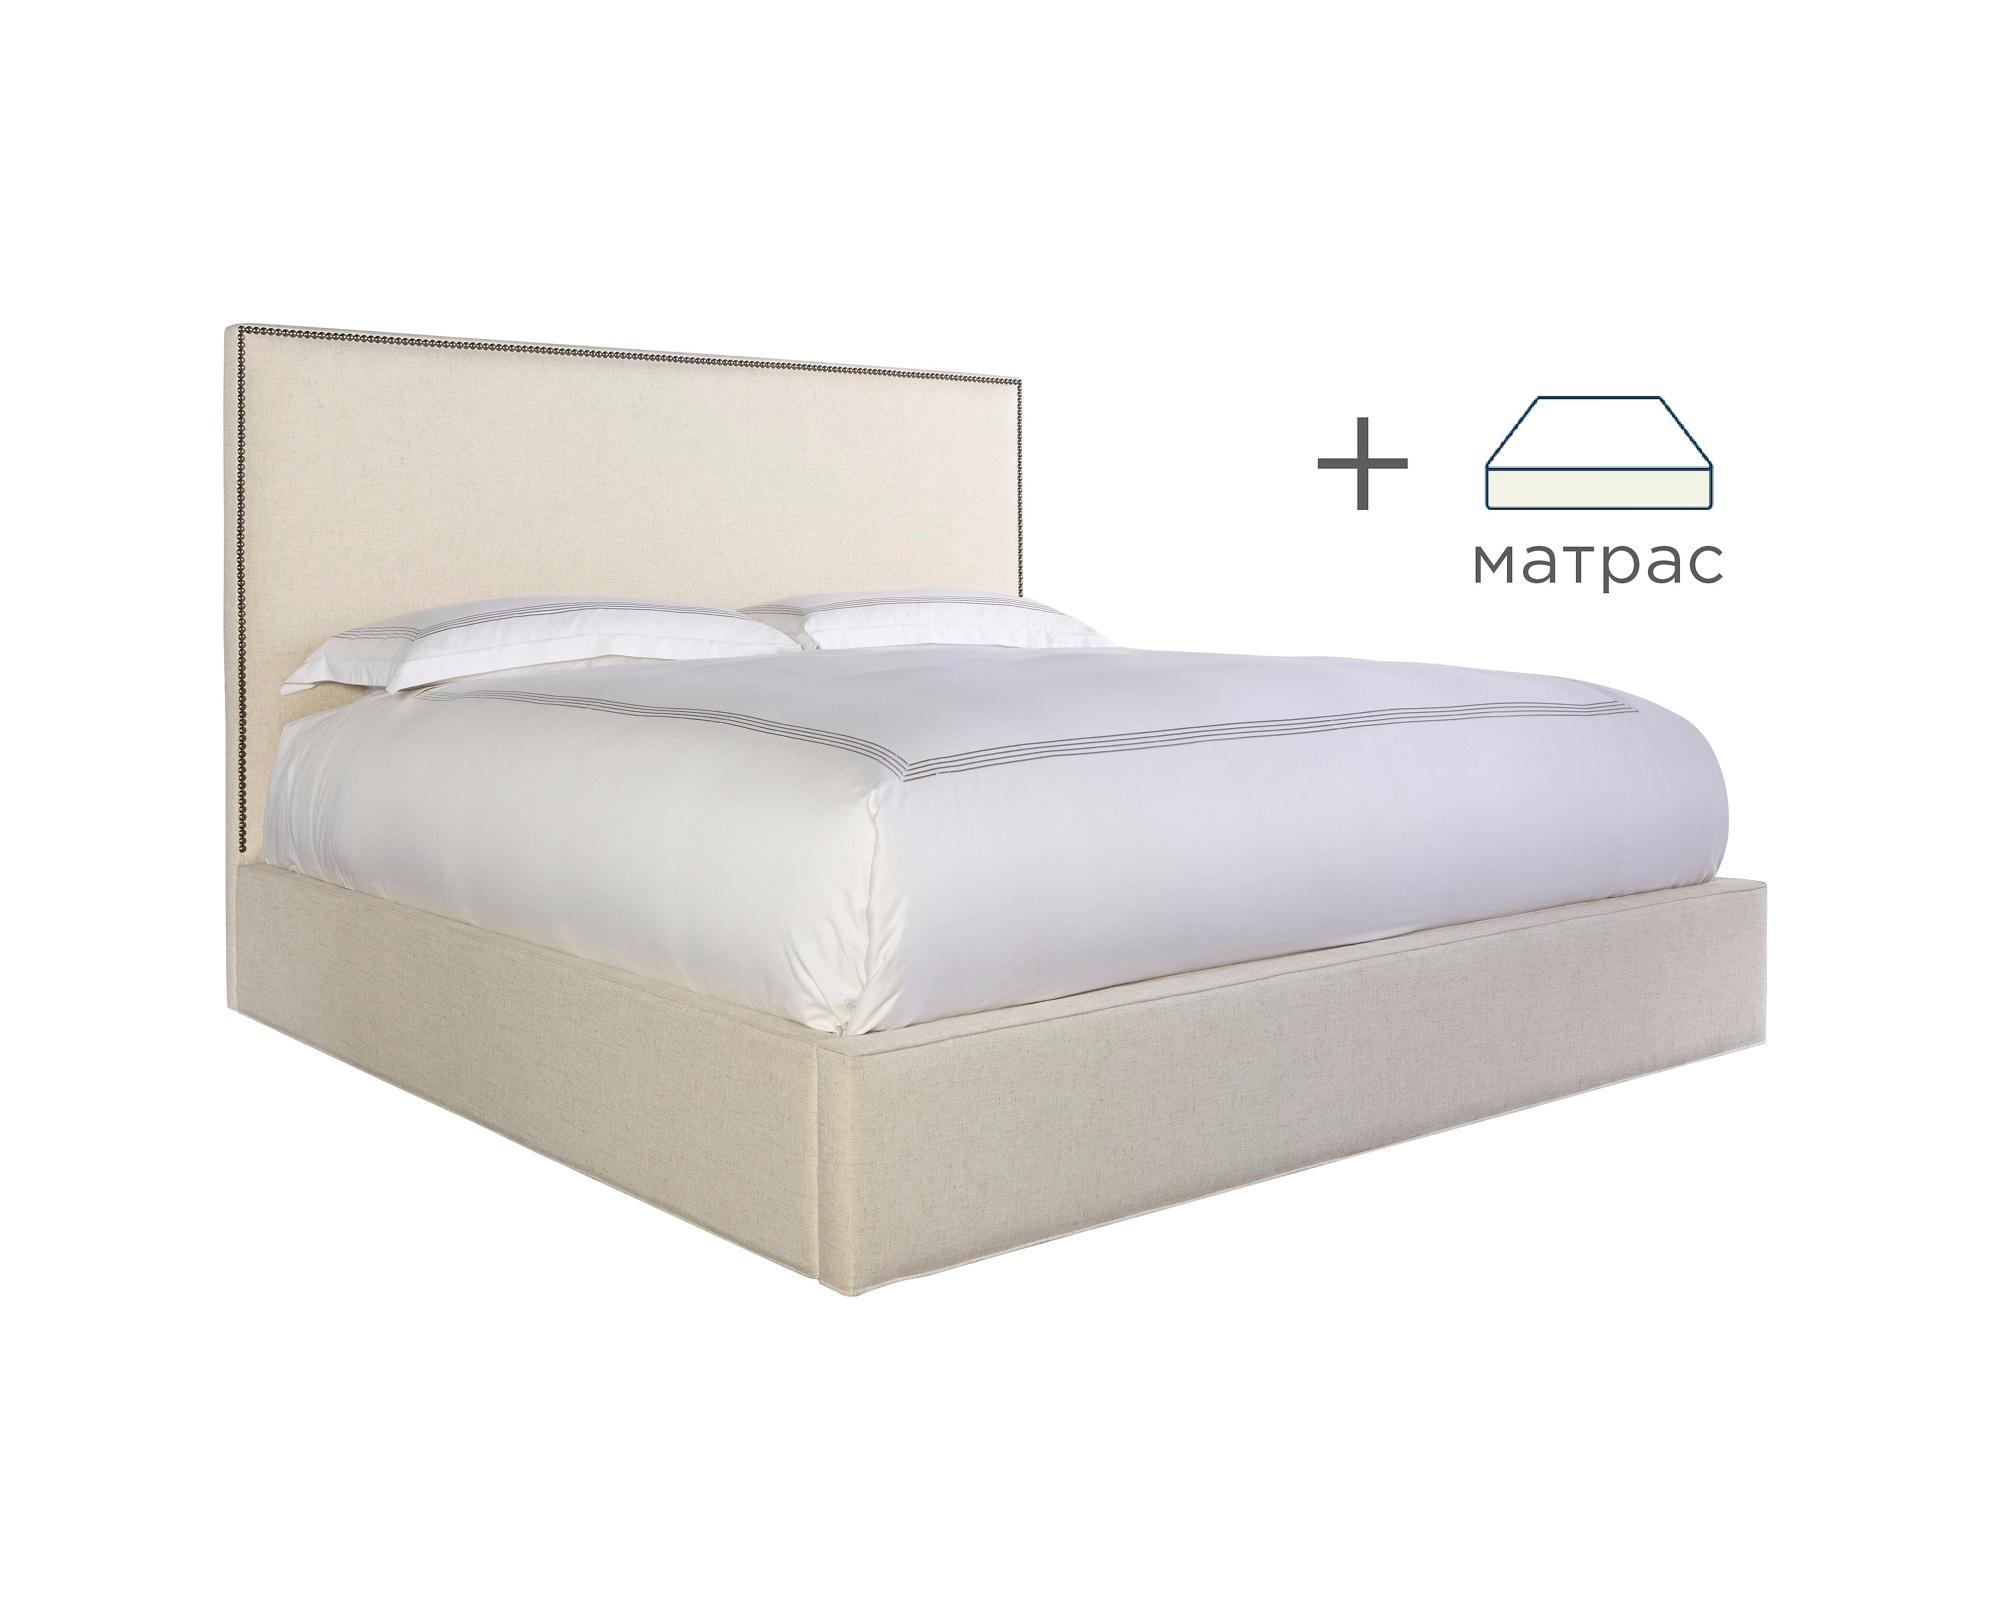 Кровать Guide Park с матрасомКровати + матрасы<br>&amp;lt;div&amp;gt;Выгодная скидка при покупке комплекта!&amp;lt;/div&amp;gt;&amp;lt;div&amp;gt;Кровать вместе с ортопедическим матрасом &amp;quot;Ascona Terapia Spectra&amp;quot;&amp;lt;/div&amp;gt;&amp;lt;div&amp;gt;&amp;lt;br&amp;gt;&amp;lt;/div&amp;gt;&amp;lt;div&amp;gt;Размер спального места: 160х200&amp;lt;br&amp;gt;&amp;lt;/div&amp;gt;&amp;lt;div&amp;gt;&amp;lt;br&amp;gt;&amp;lt;/div&amp;gt;&amp;lt;div&amp;gt;Характеристики матраса:&amp;lt;/div&amp;gt;&amp;lt;div&amp;gt;&amp;lt;div&amp;gt;Блок независимых пружин «Песочные часы Extra»&amp;lt;/div&amp;gt;&amp;lt;div&amp;gt;Короб из пены Orto Foam&amp;lt;/div&amp;gt;&amp;lt;div&amp;gt;Чехол изготовлен из гигиеничного хлопкового жаккарда с антибактериальной пропиткой с ионами Ag+&amp;lt;/div&amp;gt;&amp;lt;/div&amp;gt;&amp;lt;div&amp;gt;&amp;lt;br&amp;gt;&amp;lt;/div&amp;gt;<br><br>Material: Текстиль<br>Ширина см: 170<br>Высота см: 130<br>Глубина см: 210